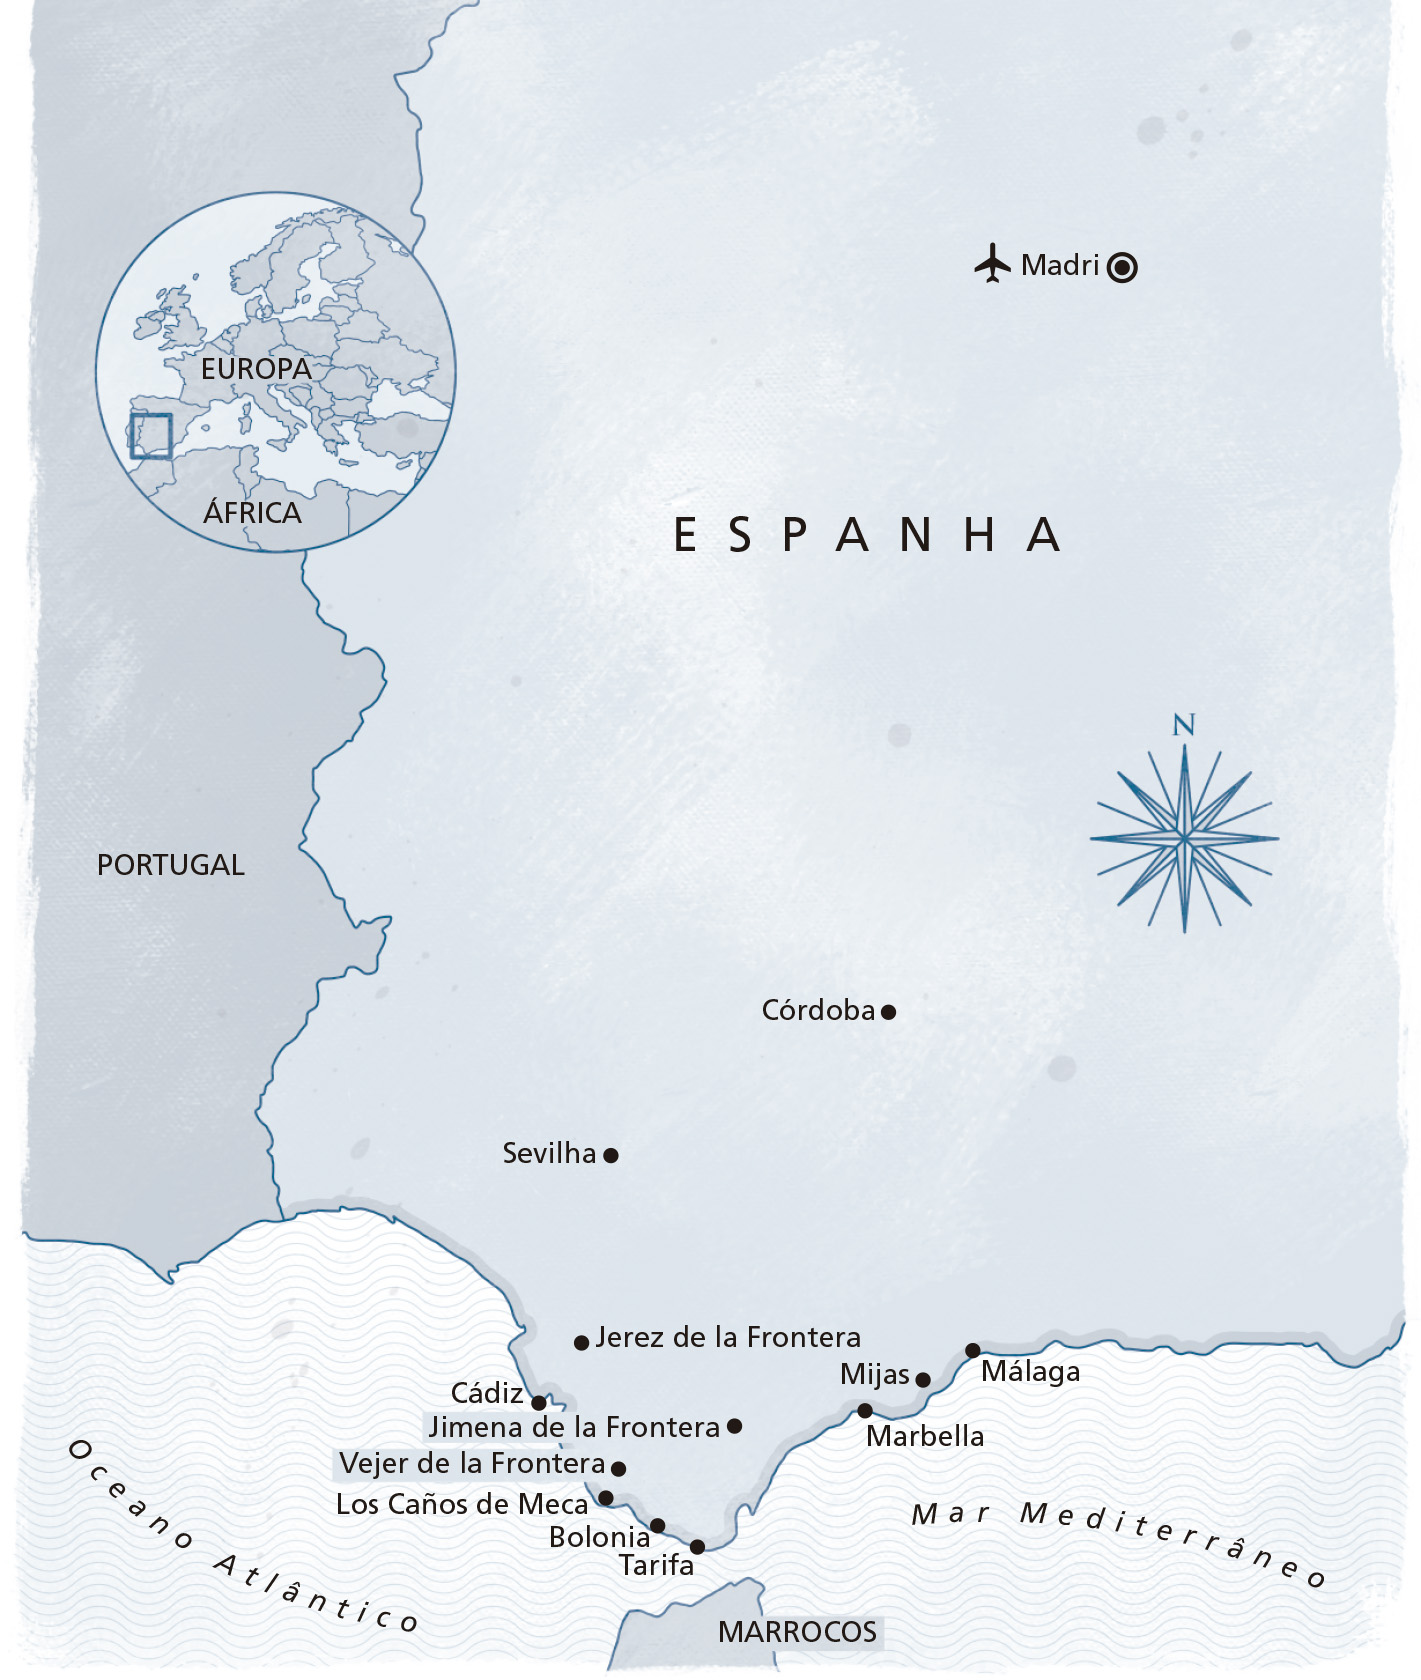 Mapa Espanha